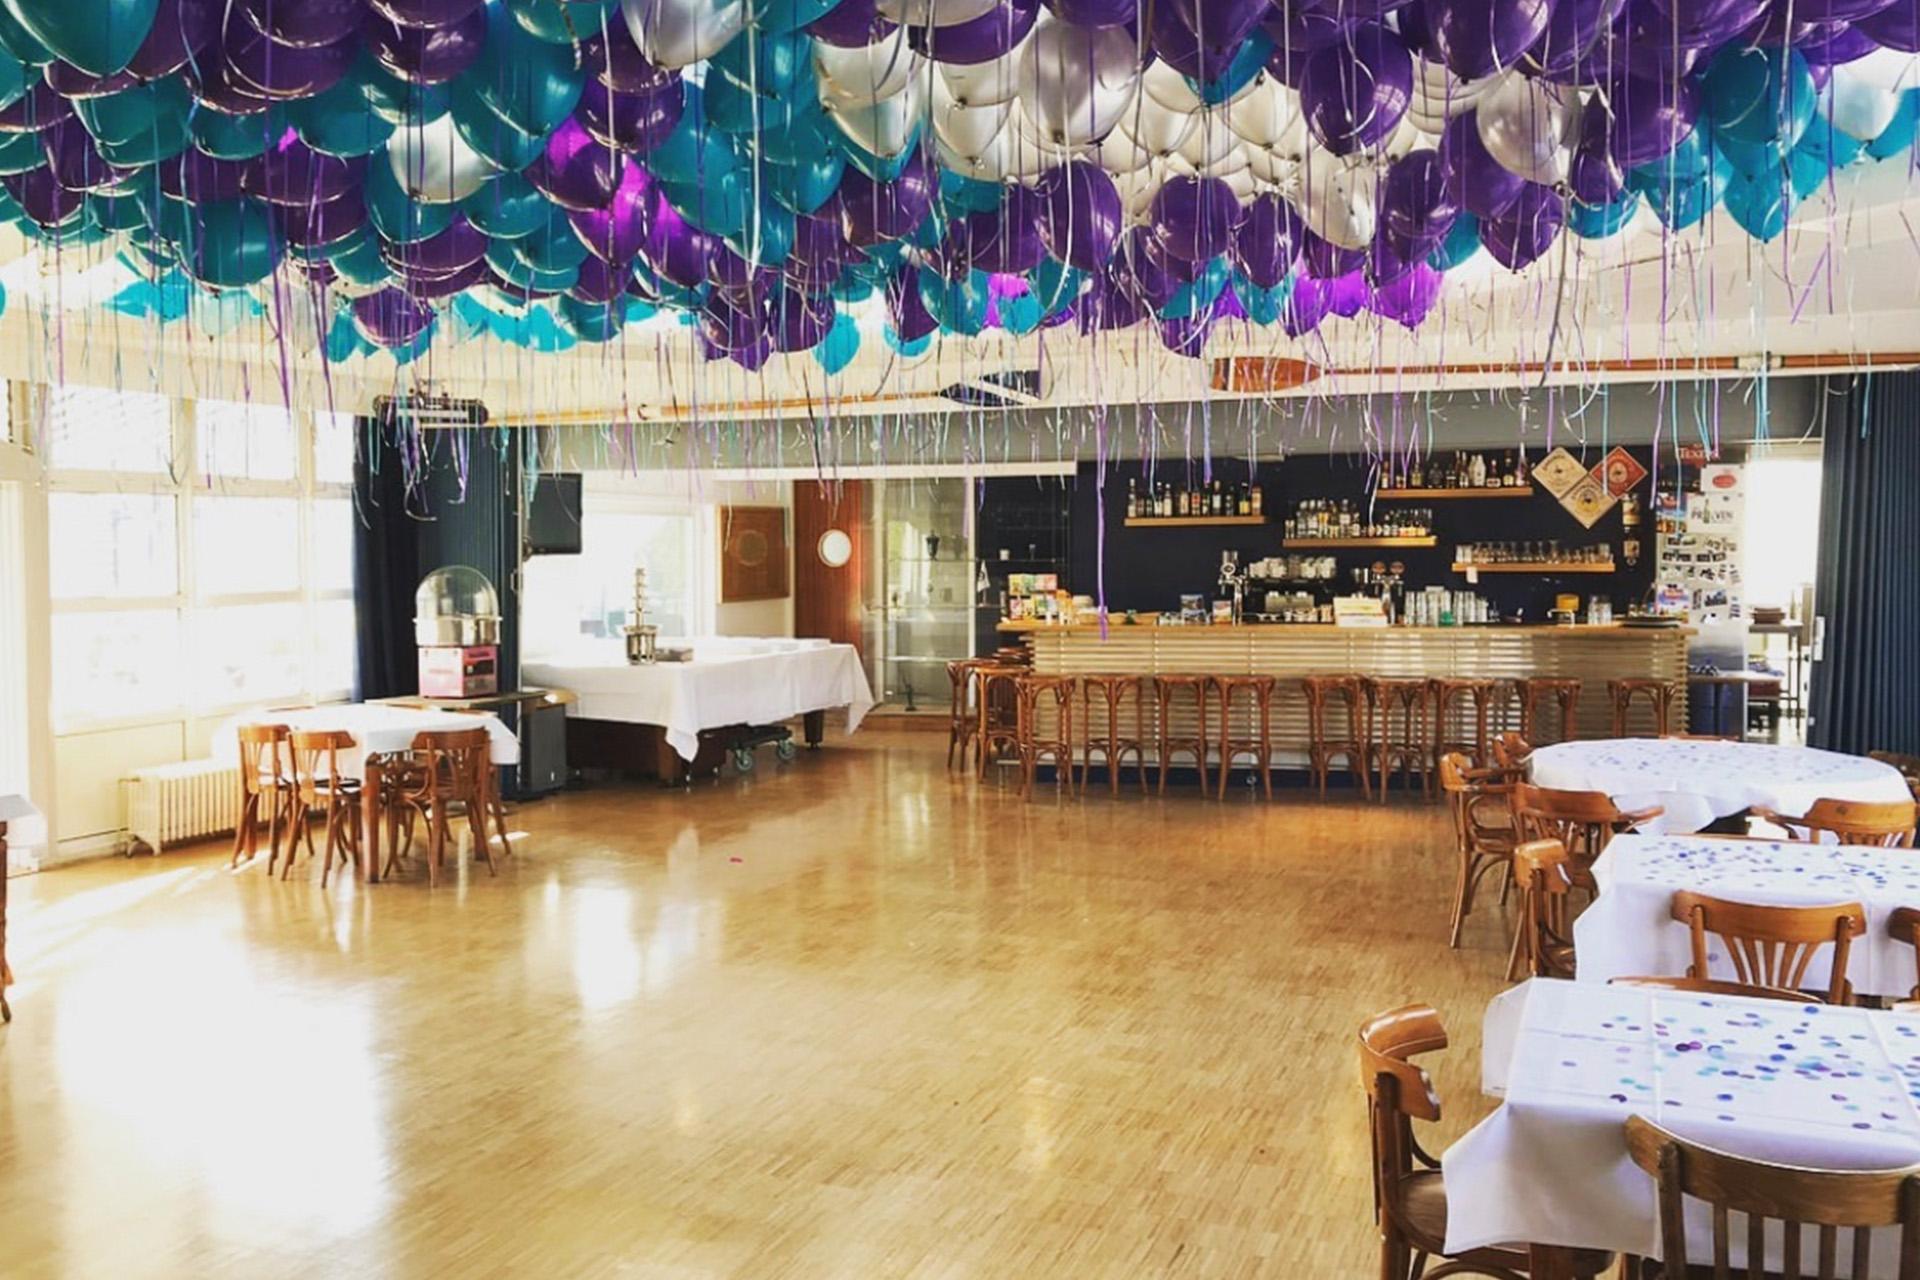 Binnenruimte van de Amstelzaal met ballonnen.